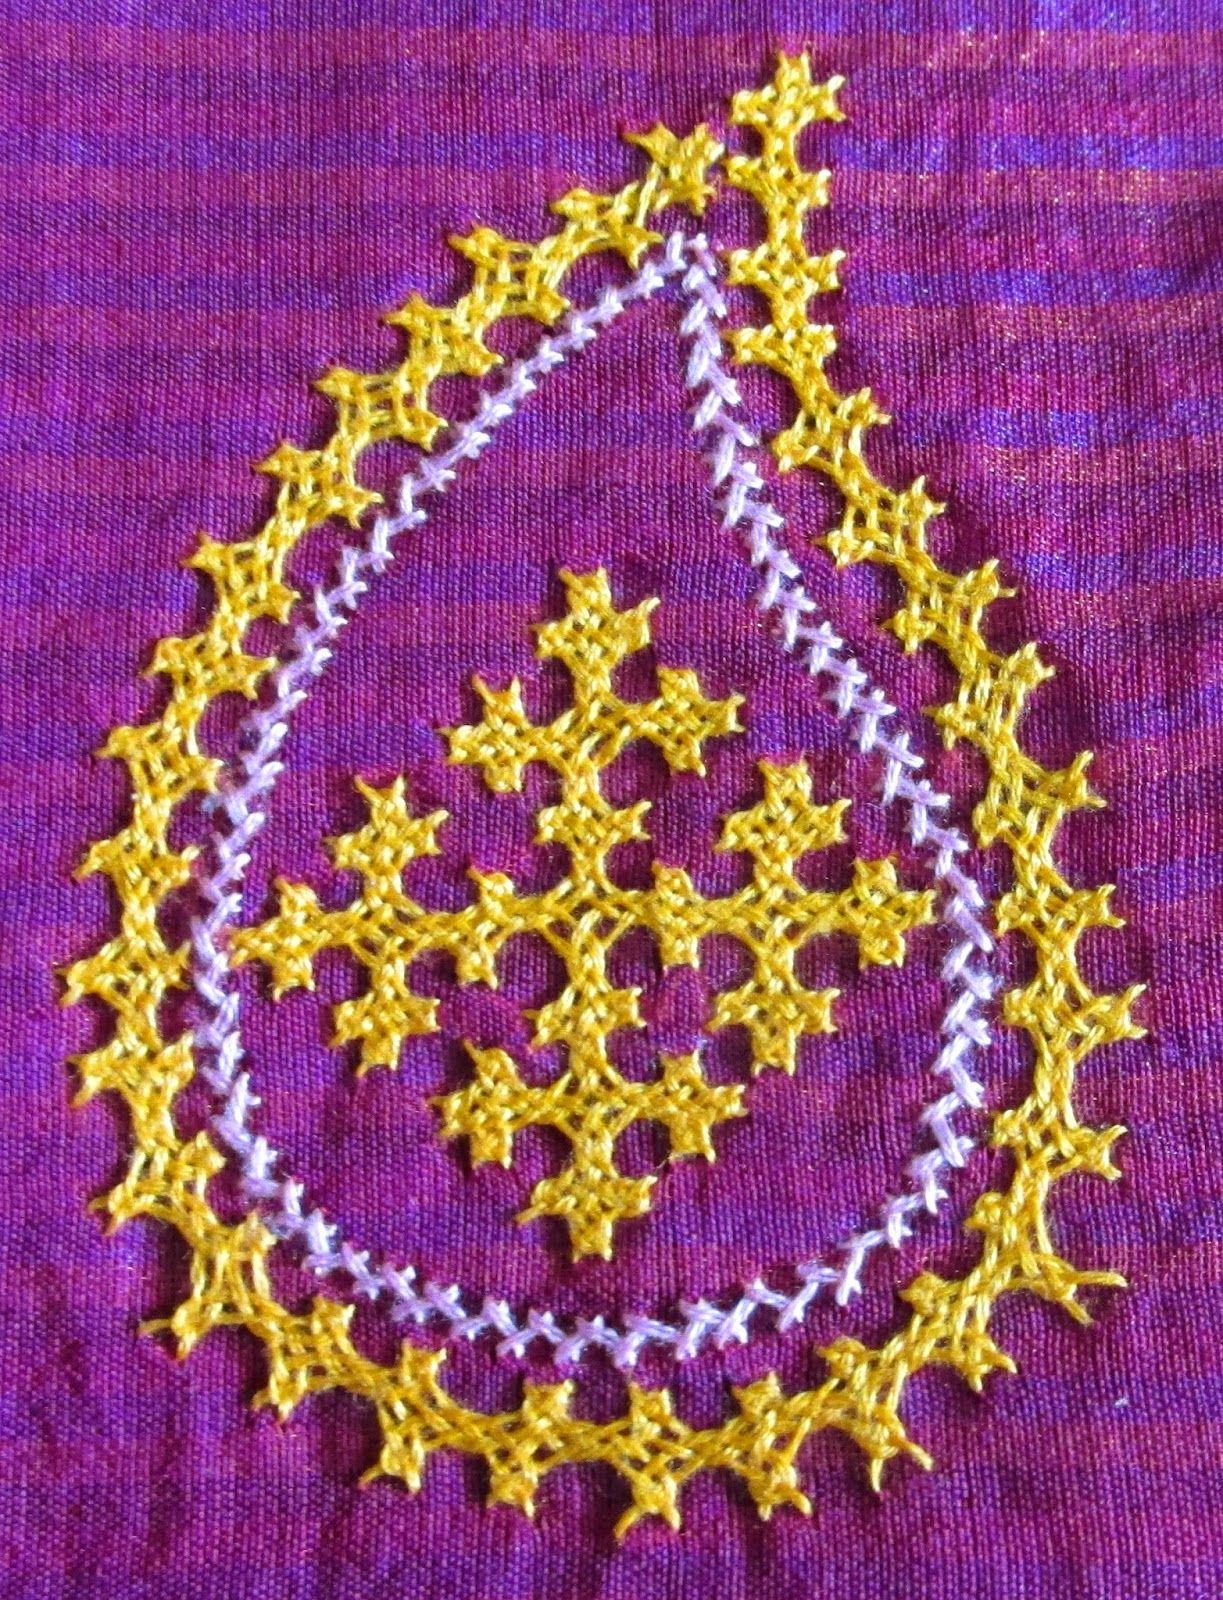 My craft works: Kutch Work Saree - Ta da   aiguille   Pinterest ...